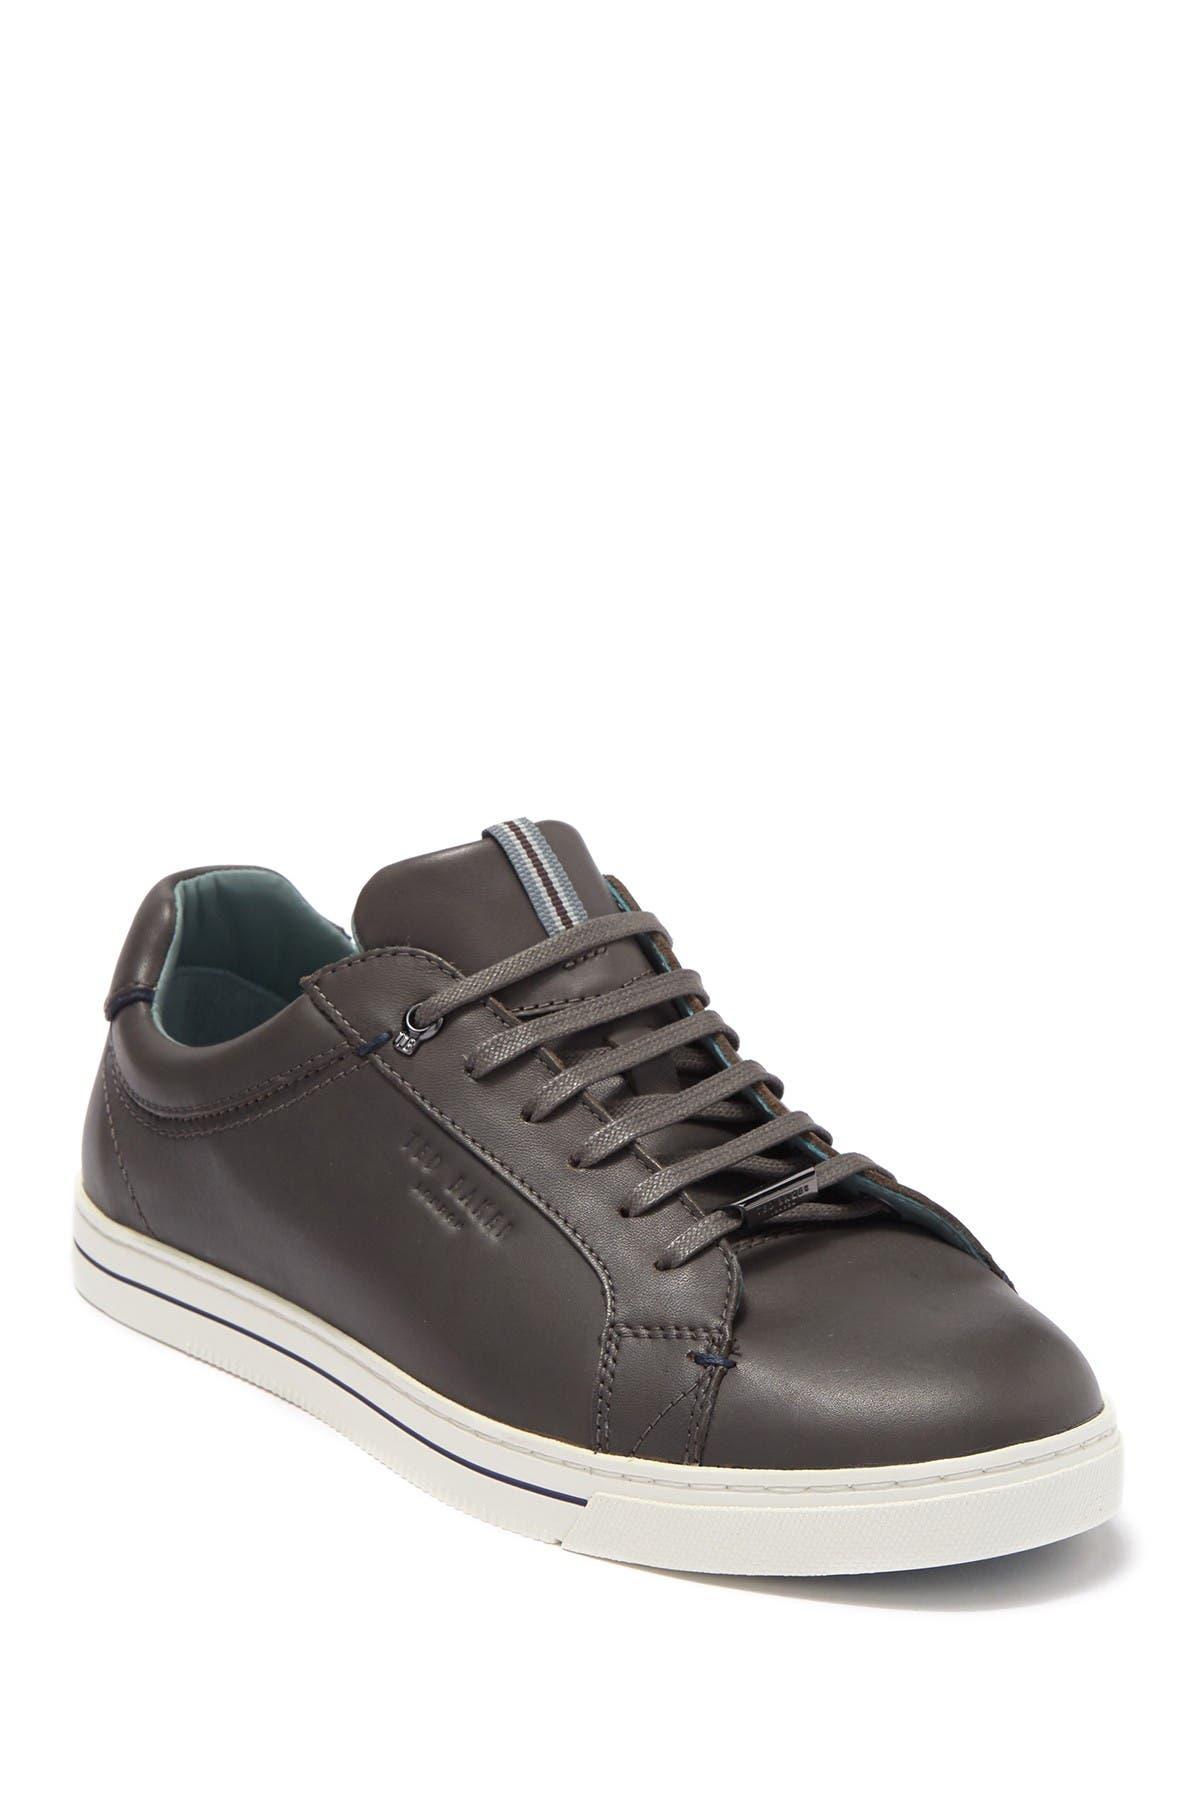 Ted Baker London | Thawne Sneaker